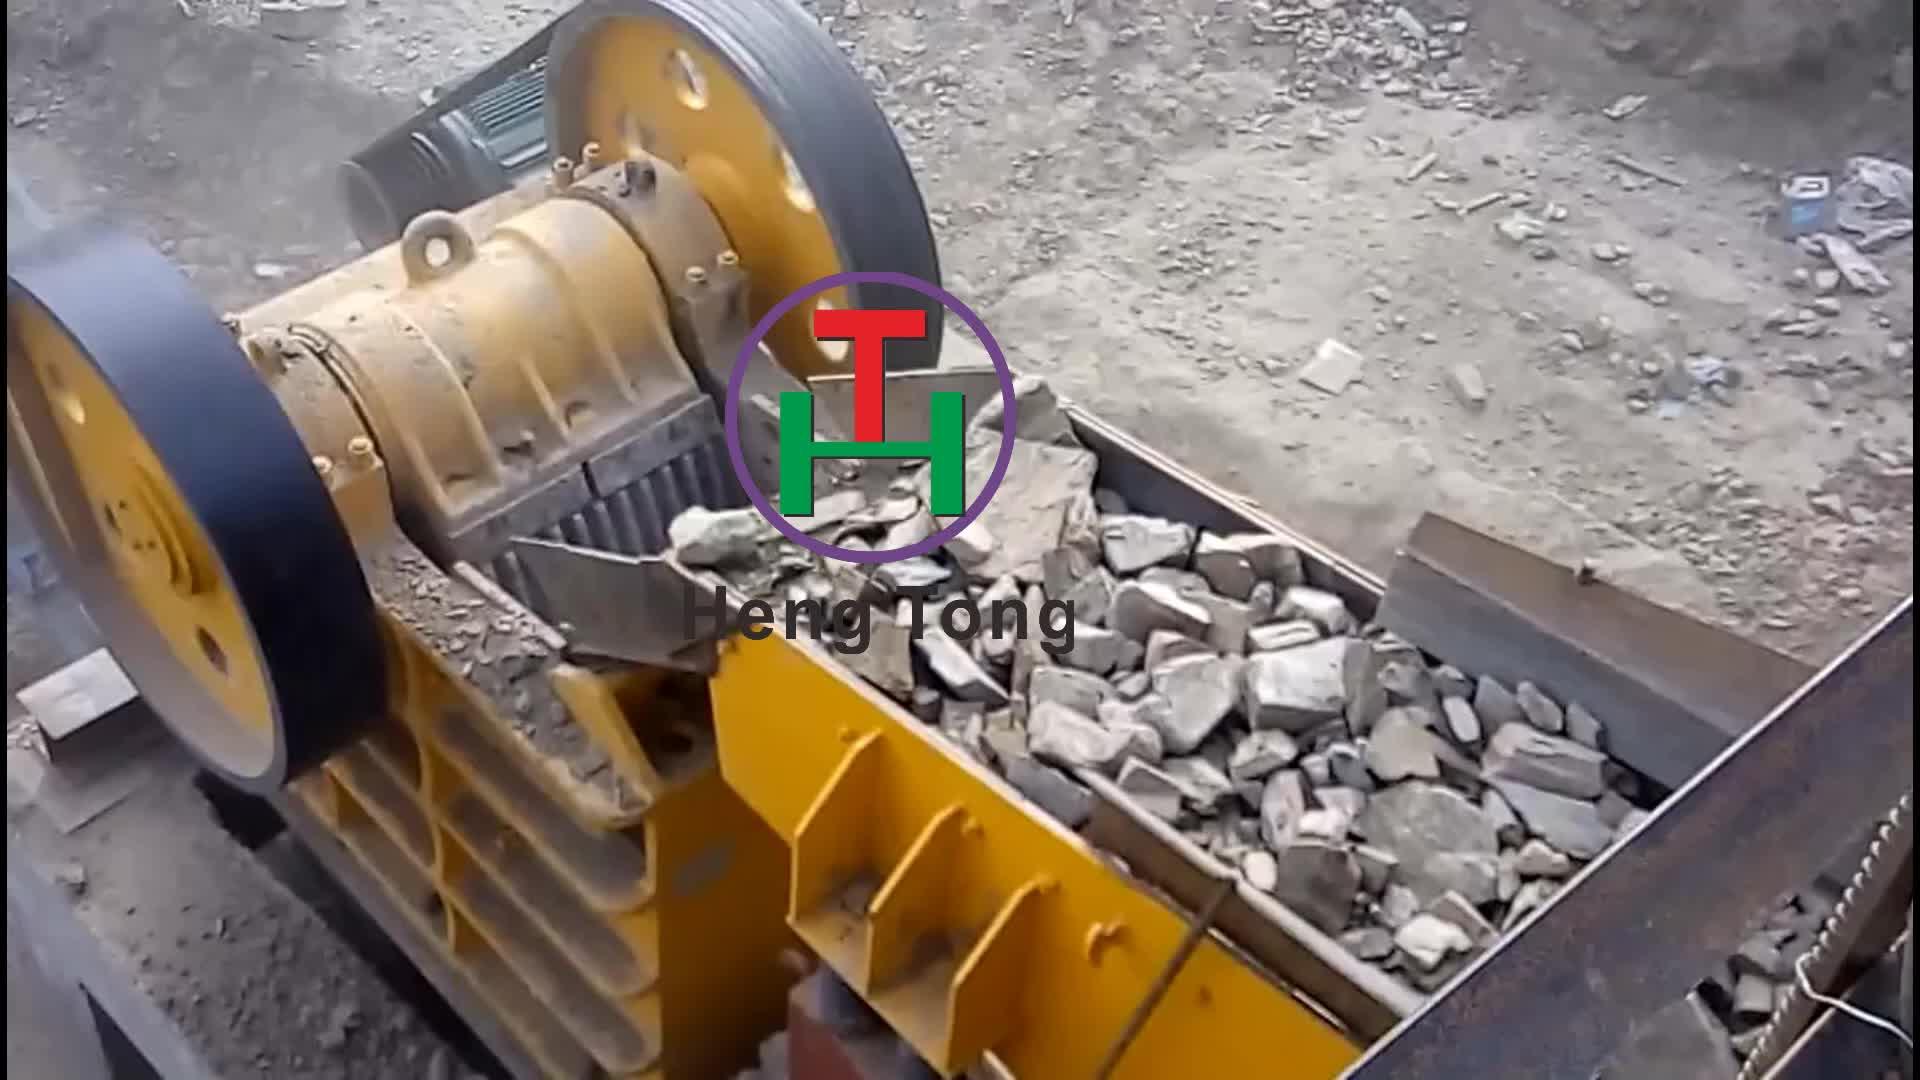 محطة إعادة تدوير استخدام كسار فكية المورد الزجاج مطحنة زجاجات الفك الكسارة